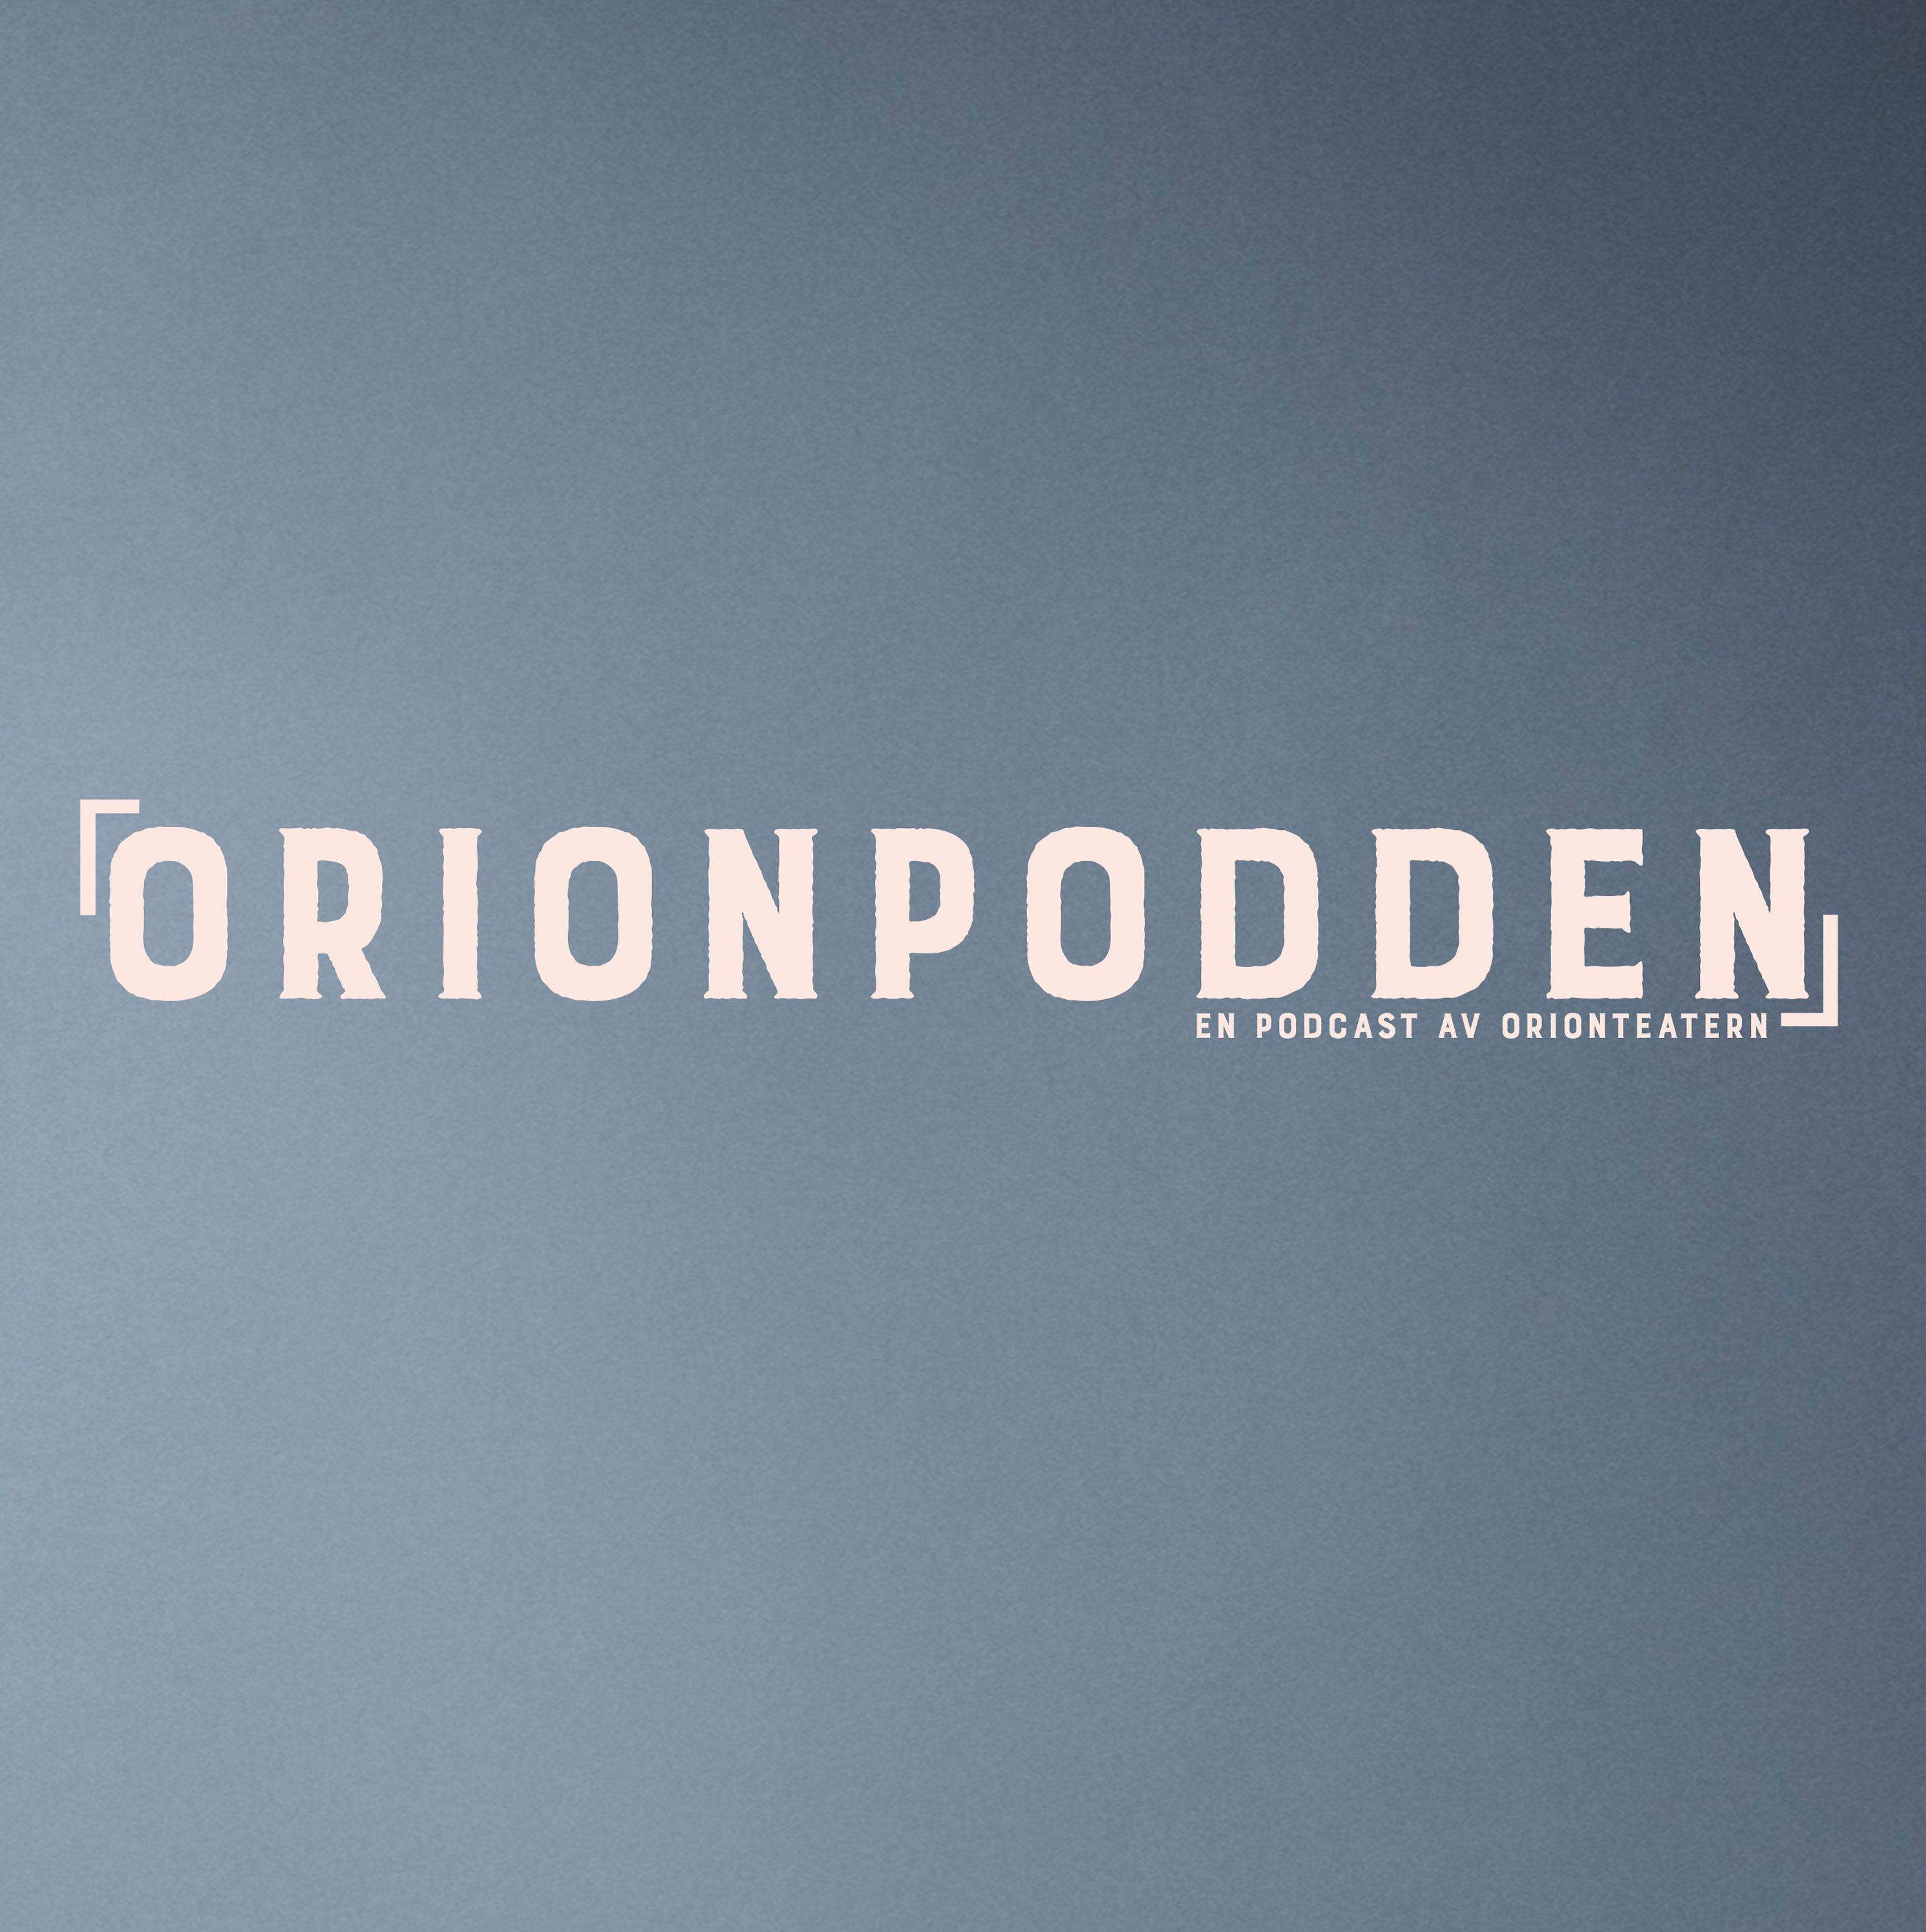 Orionpodden show art